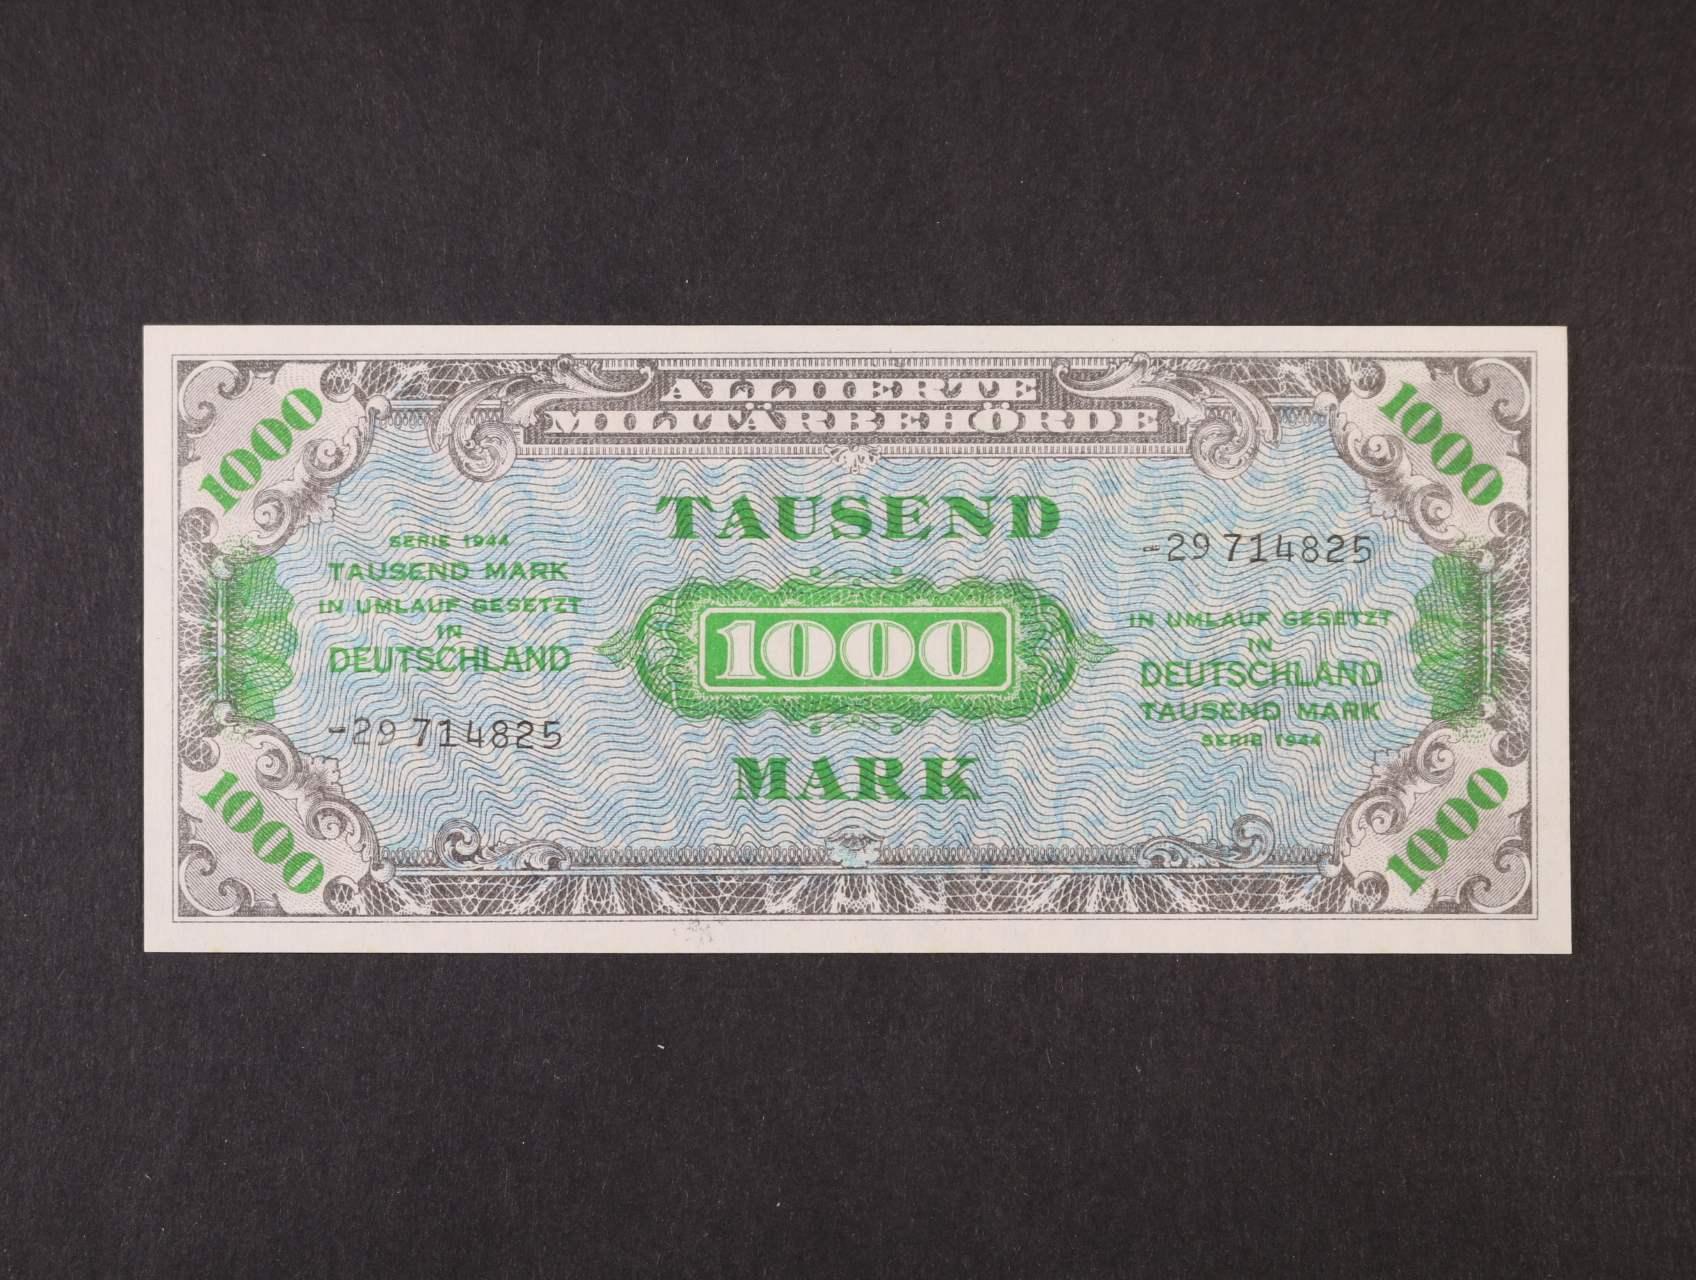 Allierte, 1000 Mark 1944 8-mi místný číslovač, tisk SSSR, platná na ČS území, Ro. 207 c, Ba. AM8c